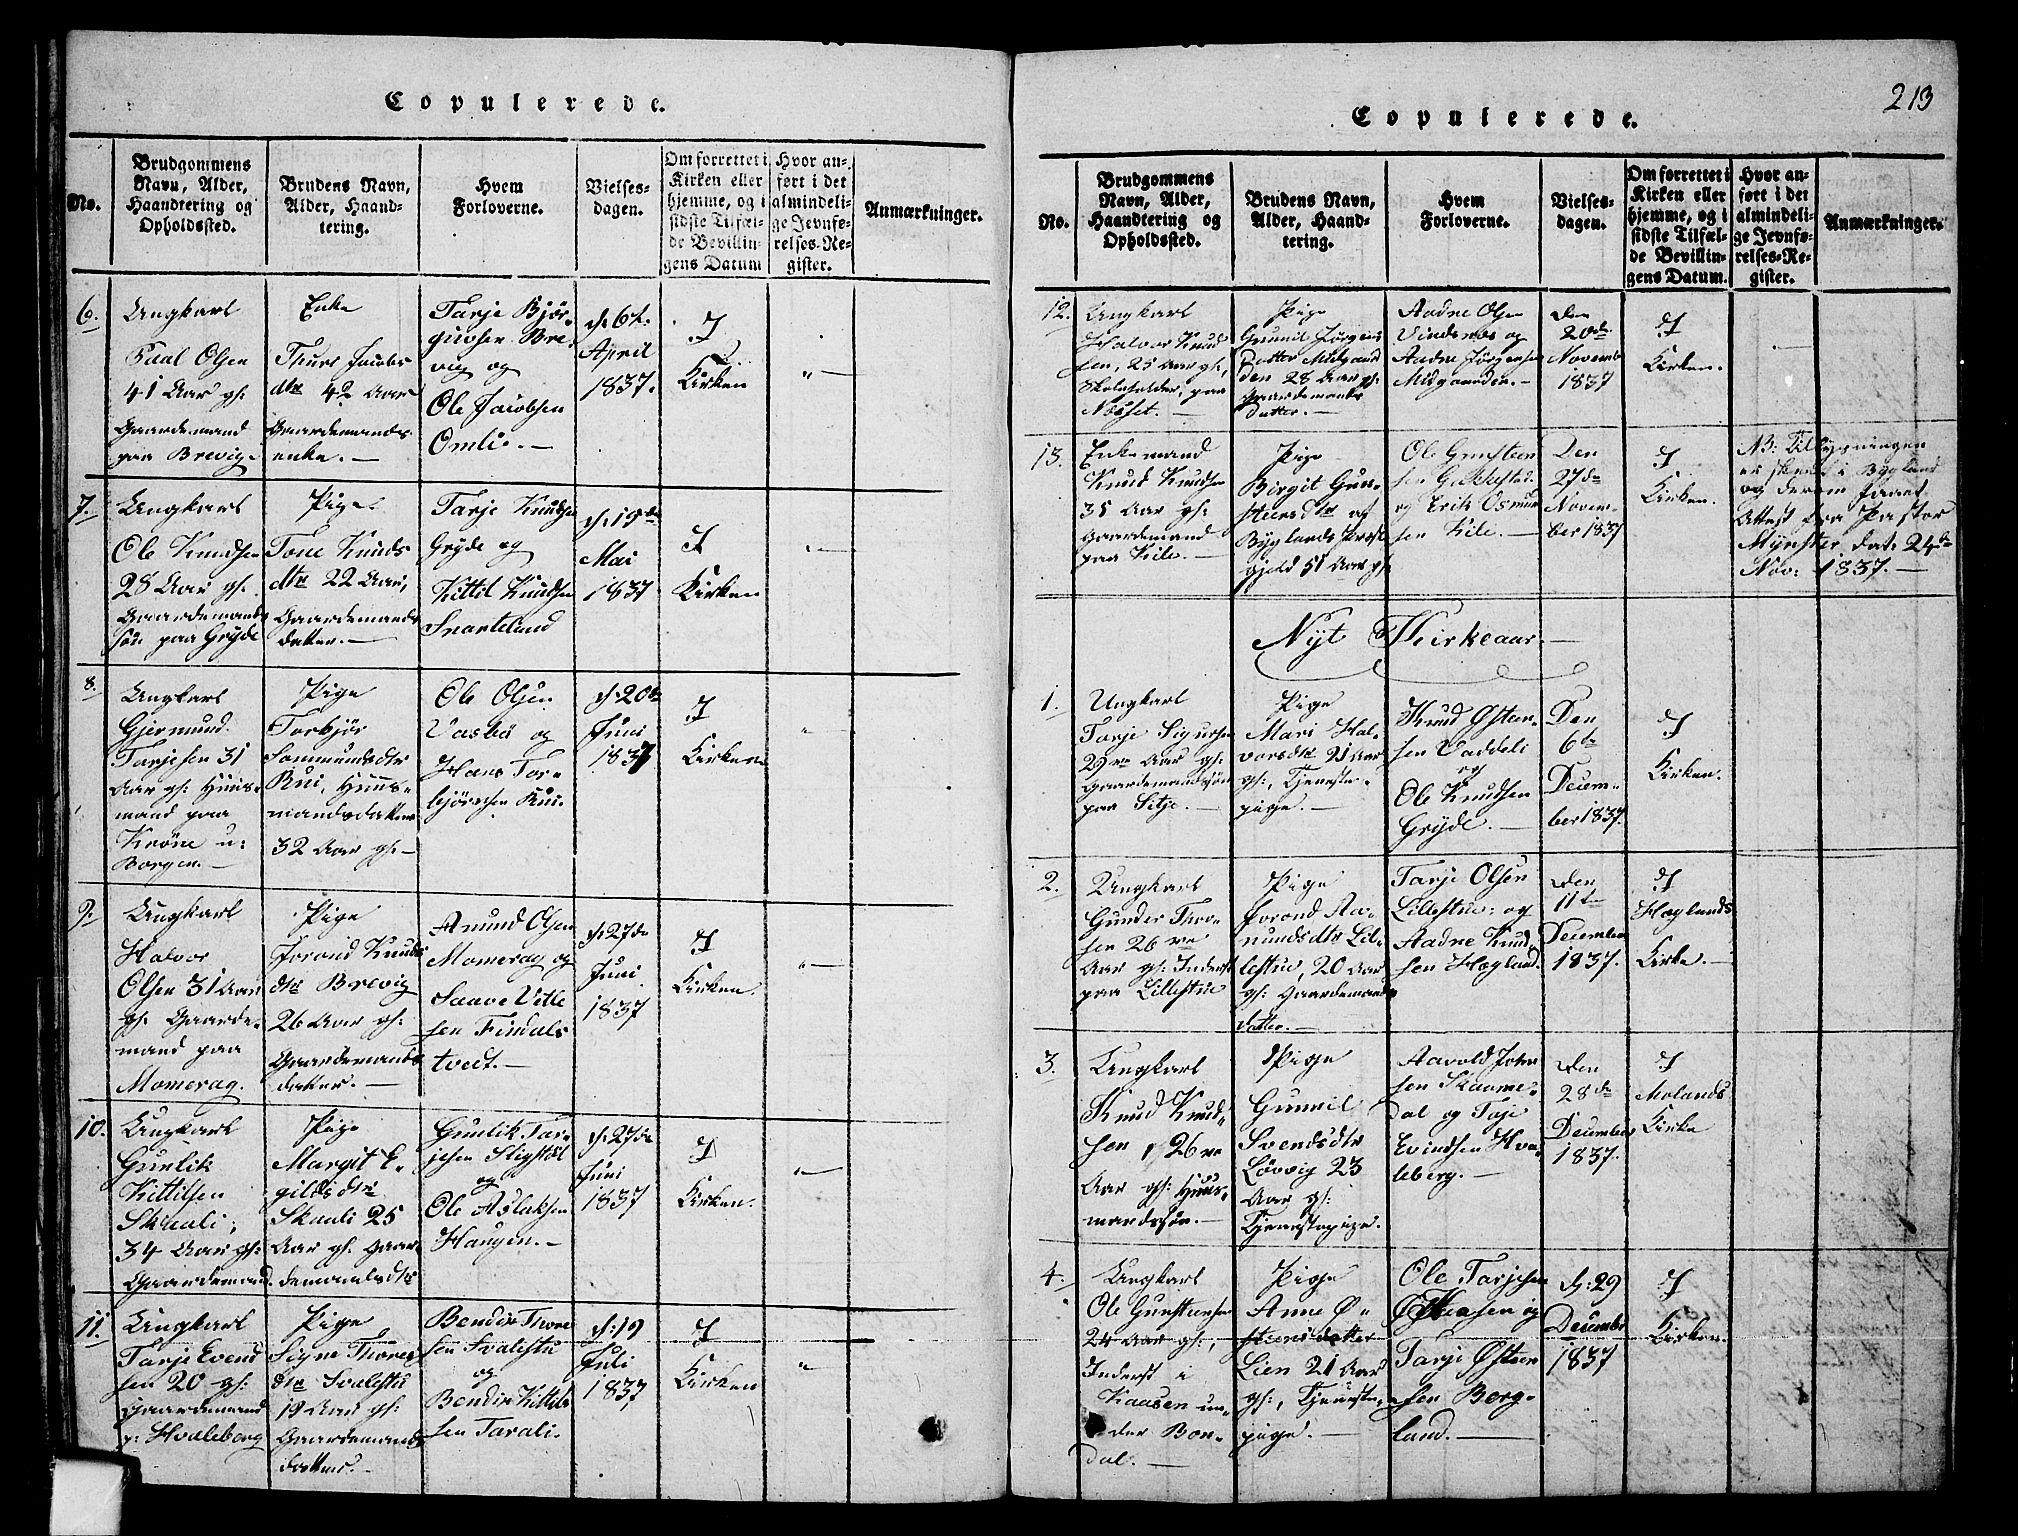 SAKO, Fyresdal kirkebøker, G/Ga/L0001: Klokkerbok nr. I 1, 1816-1840, s. 213